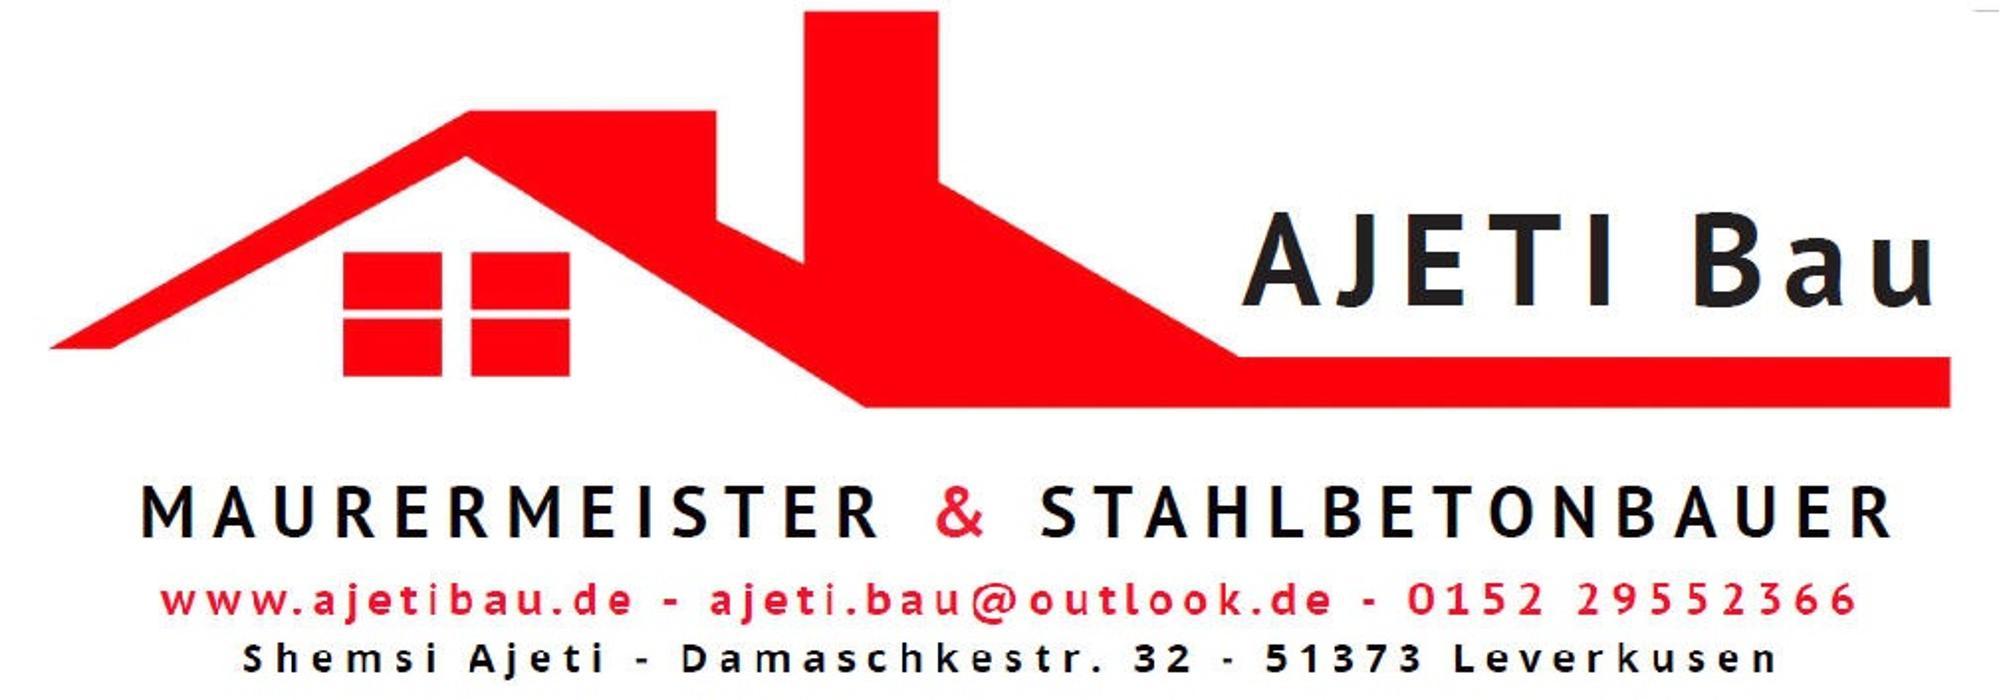 Bild zu AJETI Bau in Leverkusen